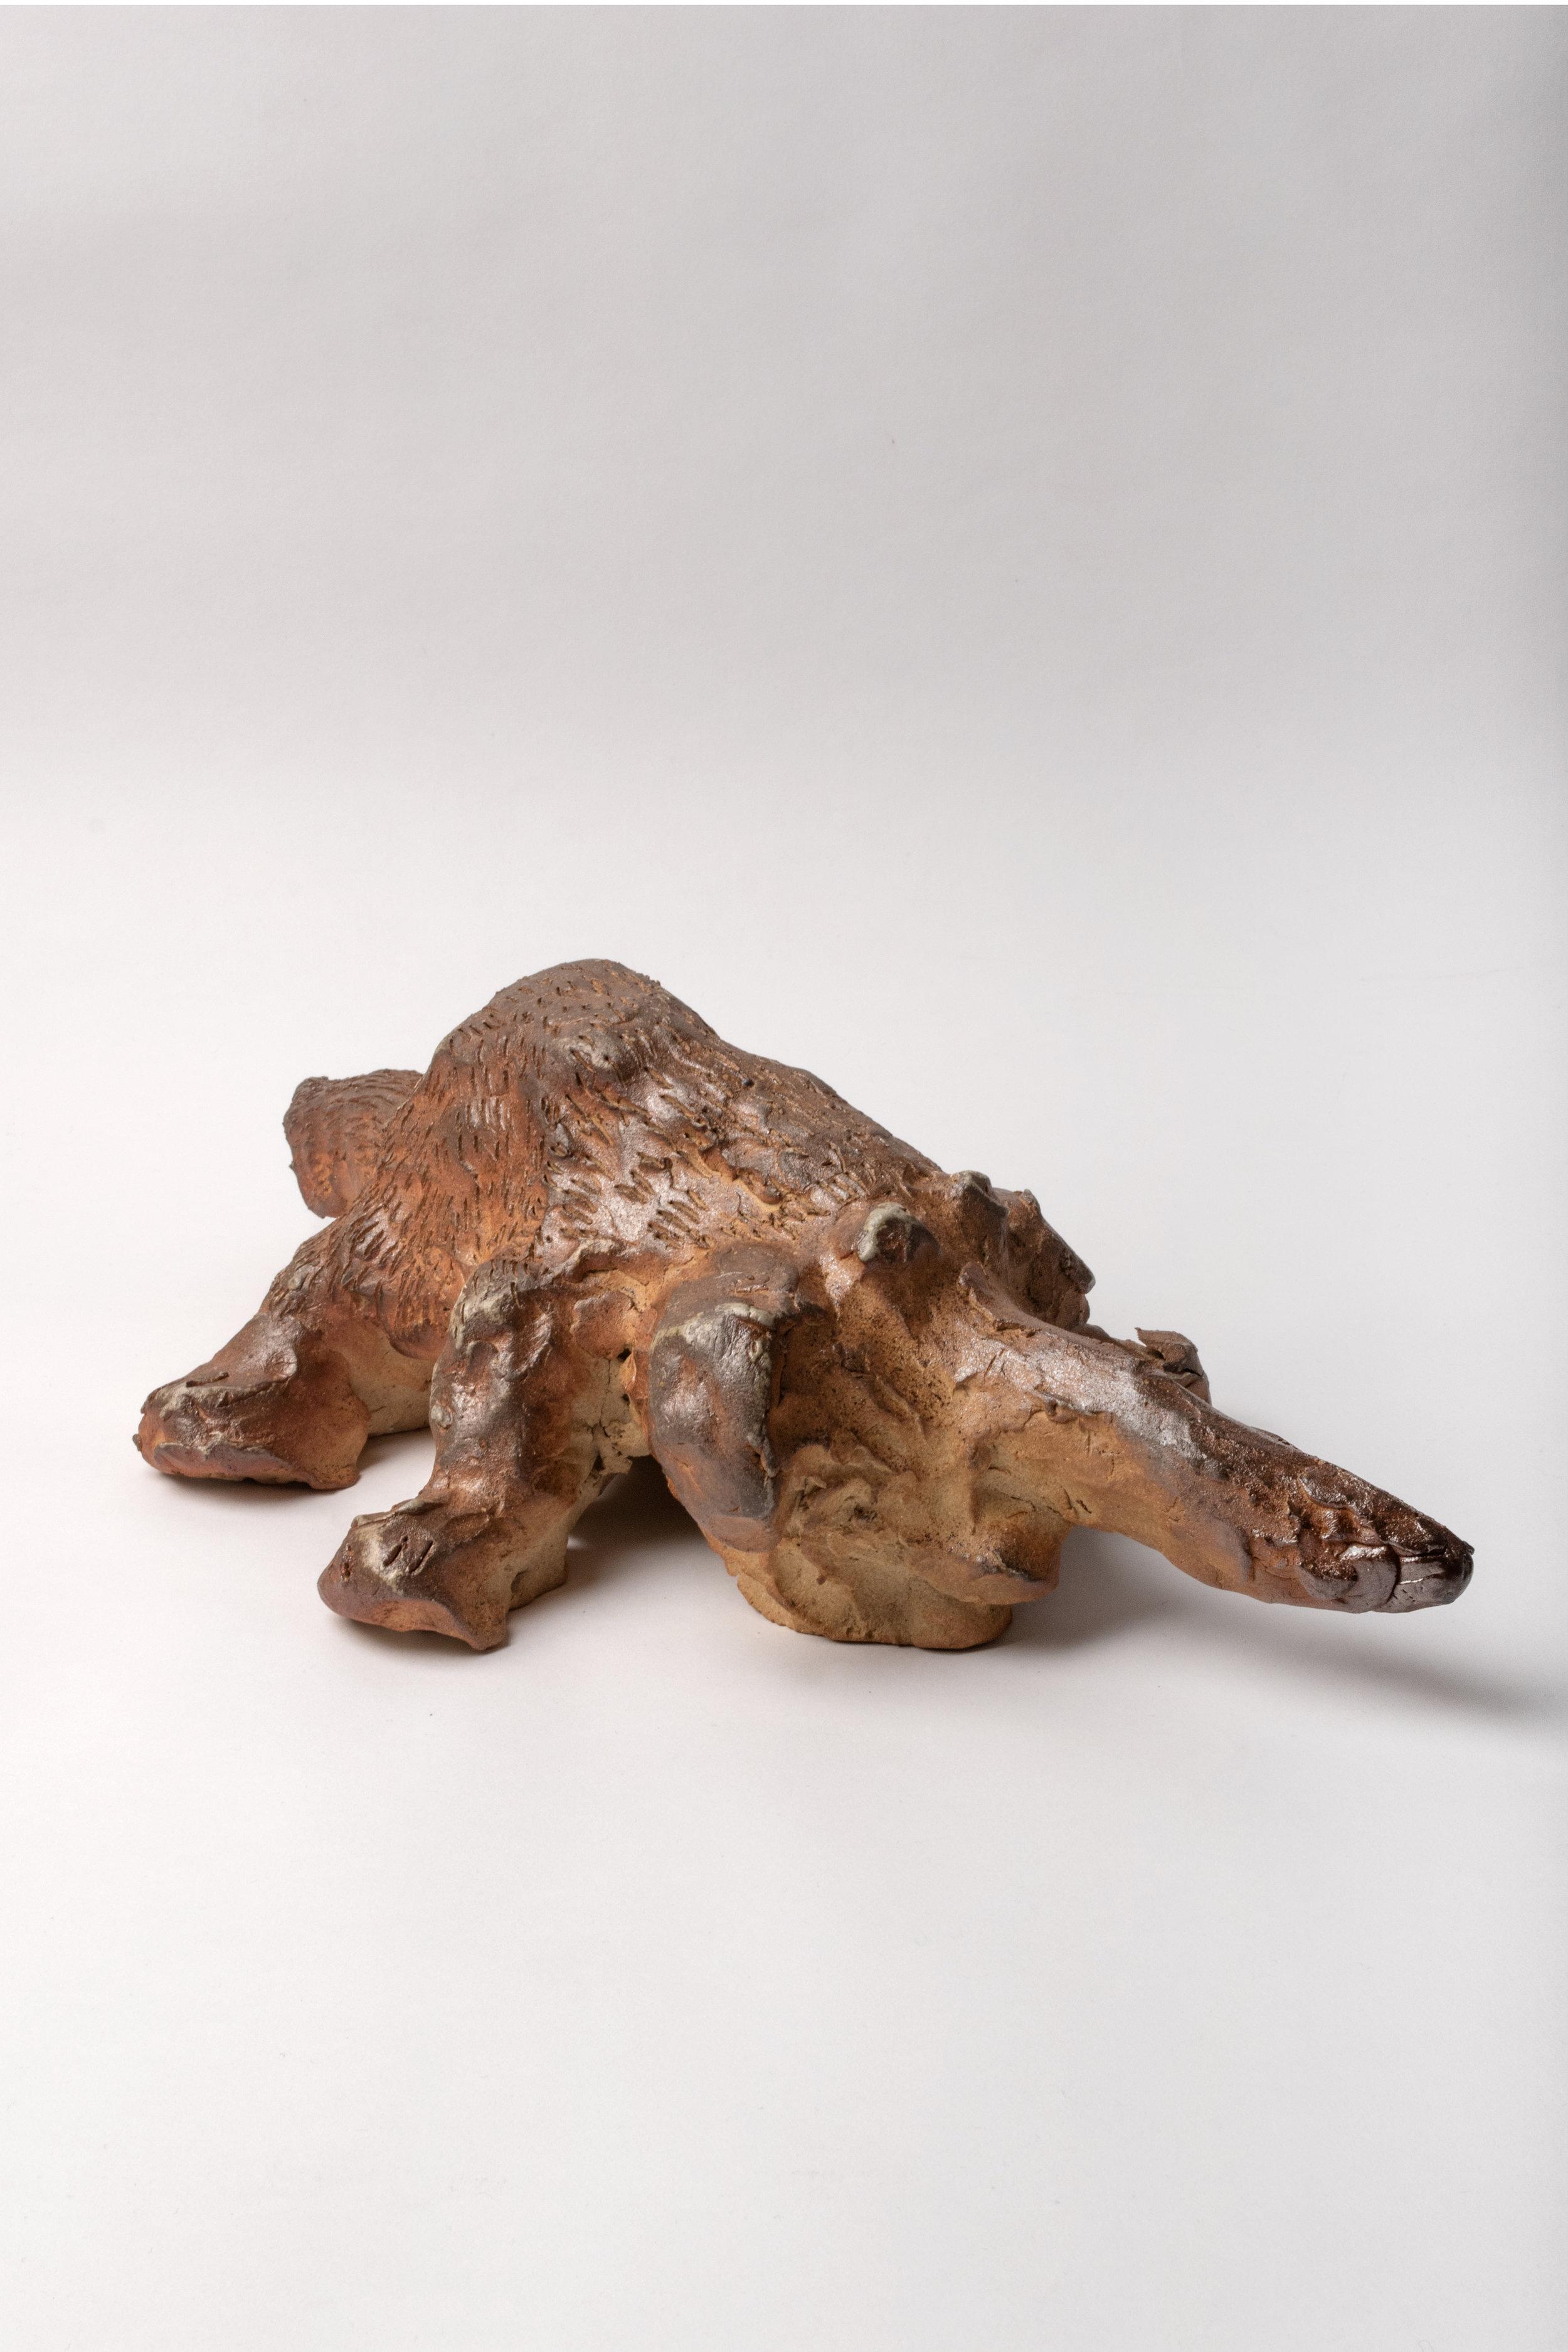 Elephant Ceramic, 34x23x12cm Photo by Ellie Walmsley